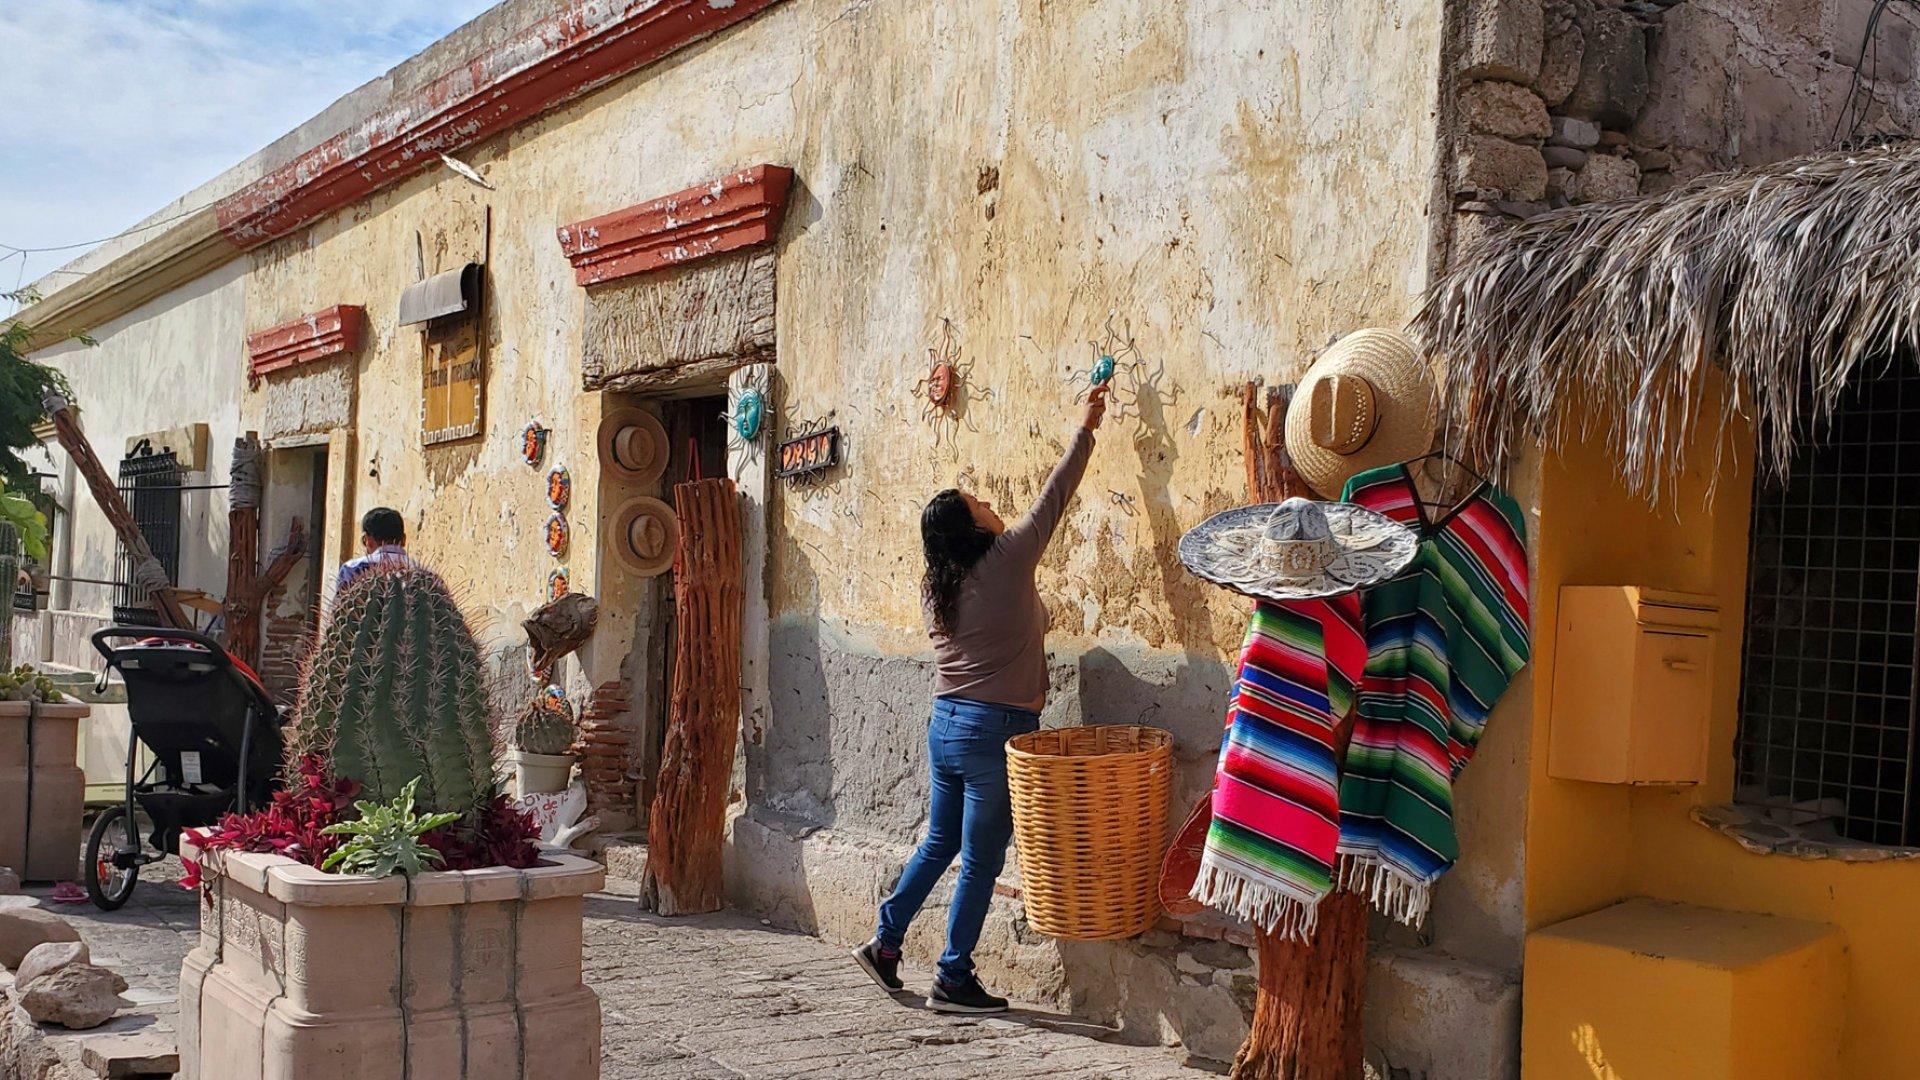 woman in front of market in loreto baja